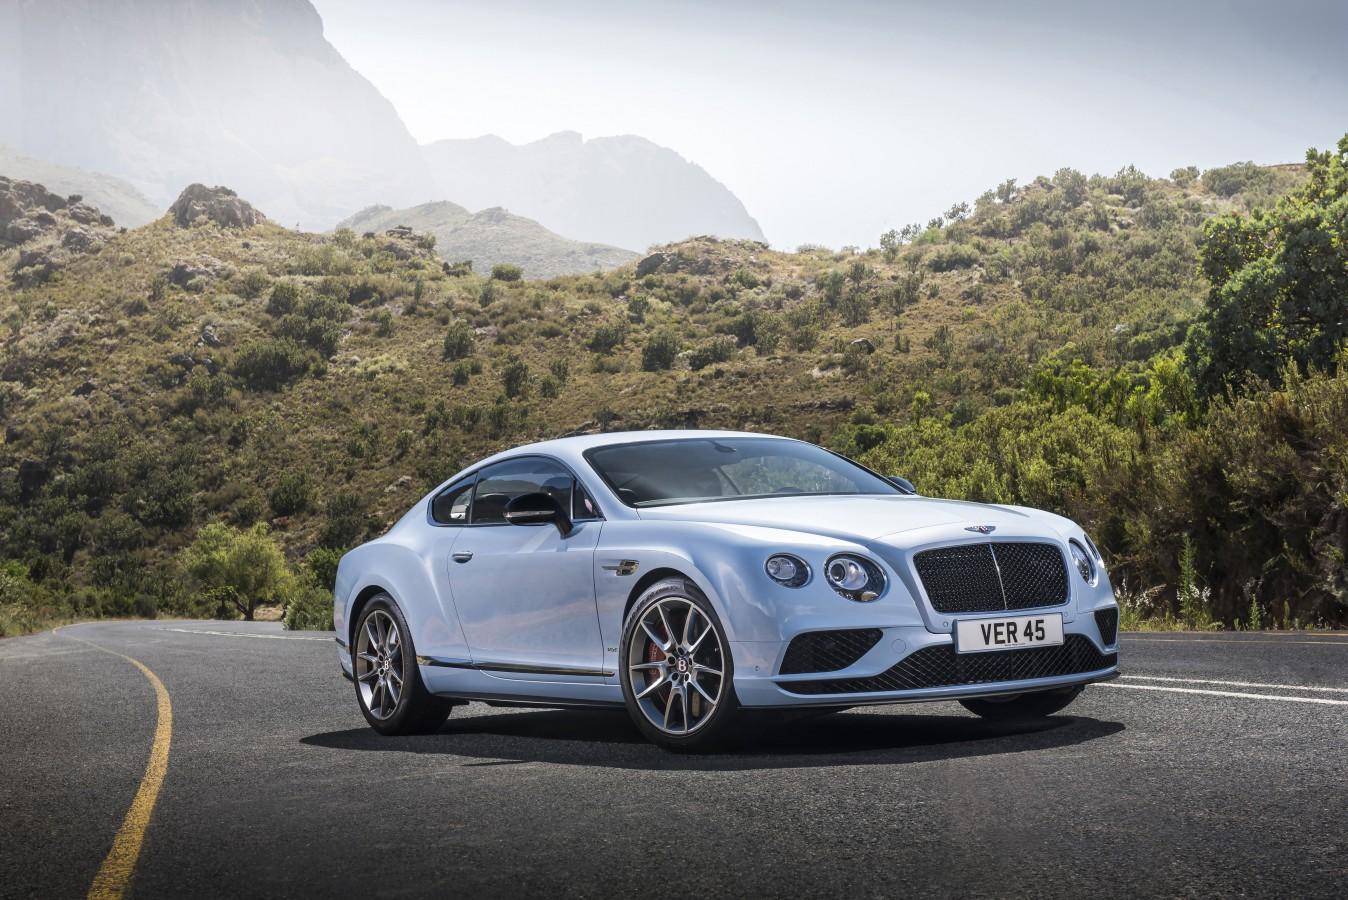 BENTLEY CONTINENTAL GT от 5 450 000 руб.* СЕГОДНЯ, ВТОРАЯ ПОЛОВИНА СТОИМОСТИ — ЧЕРЕЗ ГОД - изображение Bentley-Continental-GT-V8-S на Bentleymoscow.ru!